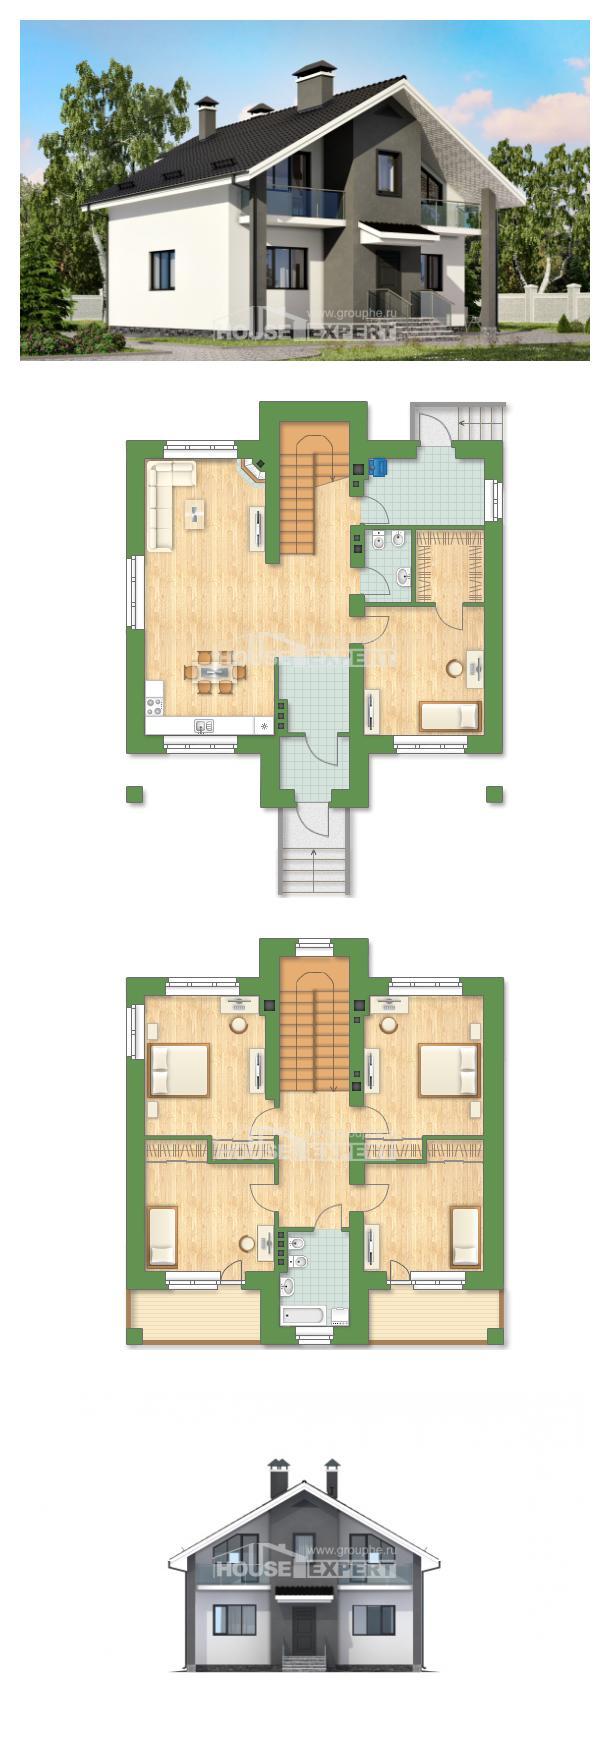 Plan 150-005-L   House Expert